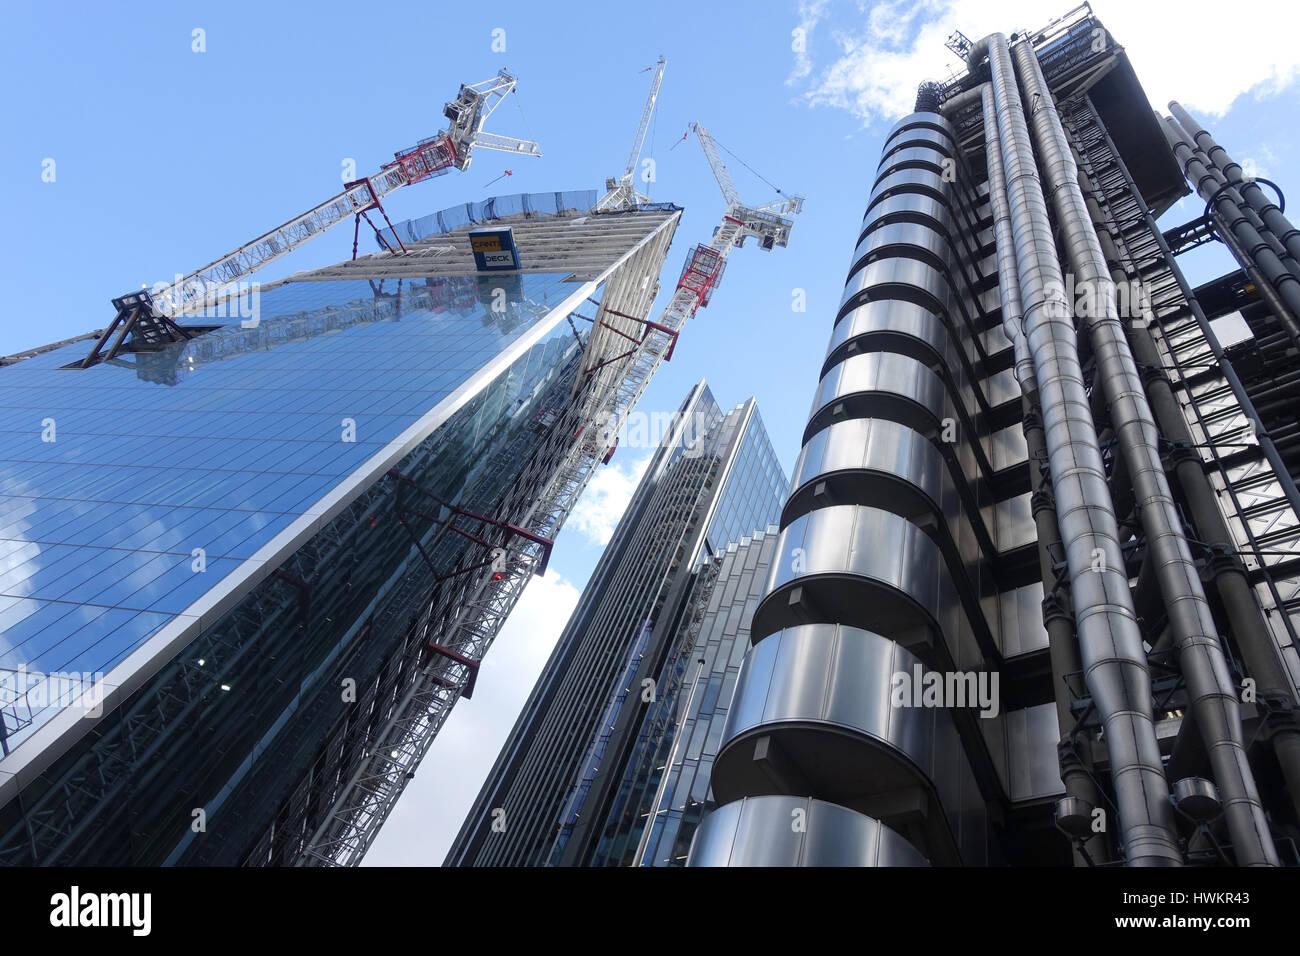 Vista guardando fino al grattacielo di bisturi in costruzione nella città di Londra REGNO UNITO Immagini Stock